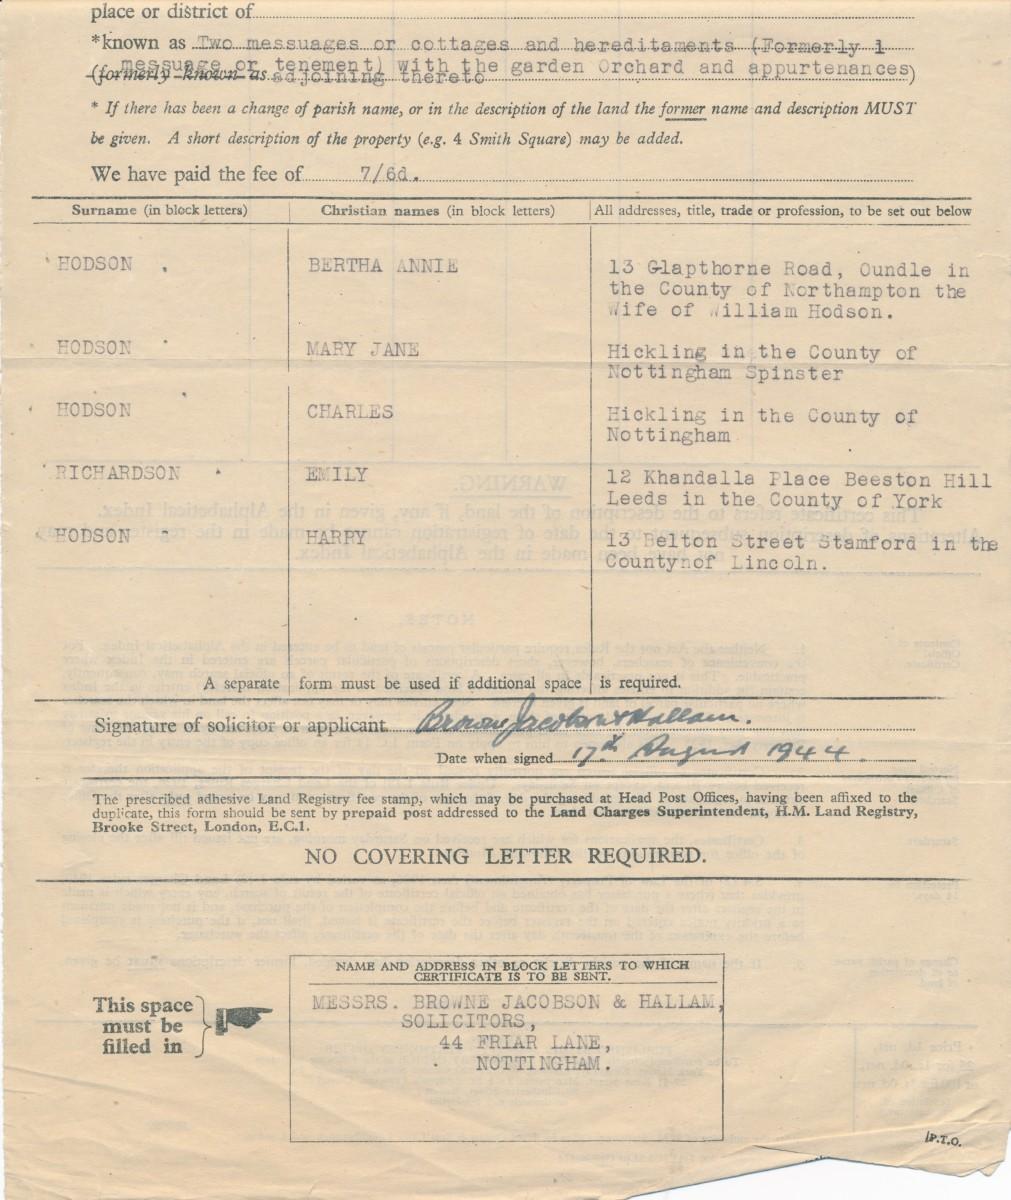 Hodson's Yard: 1944 land charge documents